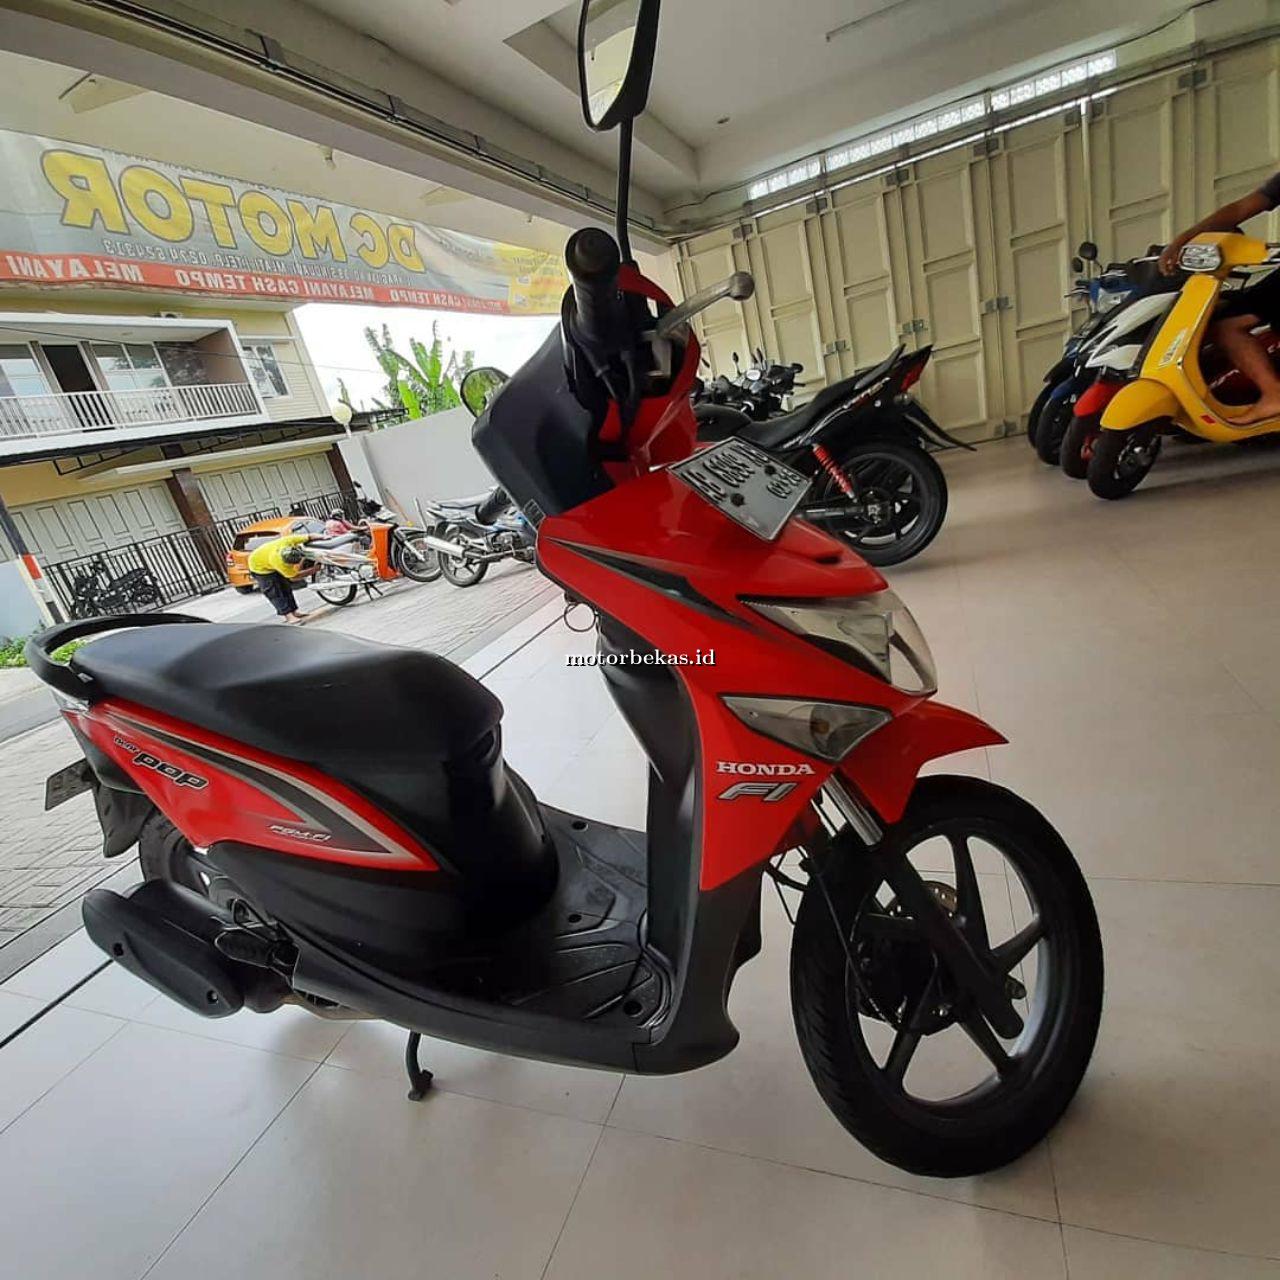 HONDA BEAT POP  2015 motorbekas.id